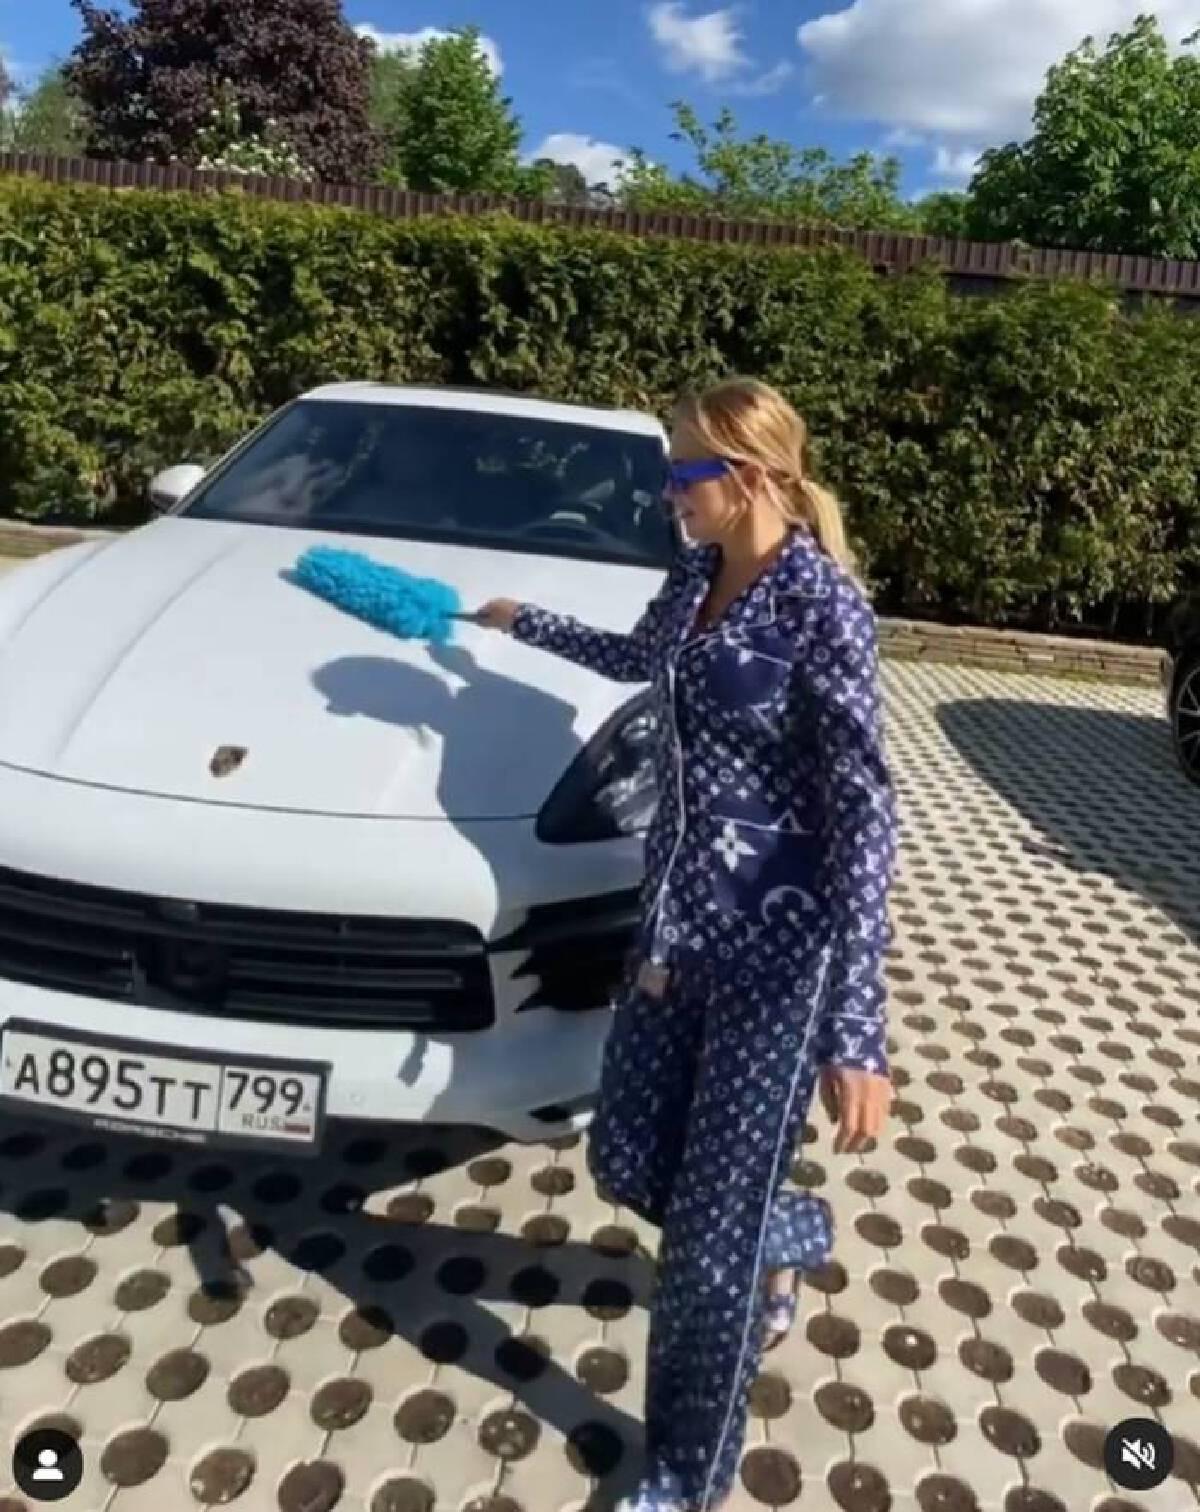 ชาวเน็ตถล่ม เศรษฐีนักธุรกิจชาวรัสเซีย หลังเปิดโหวต วันนี้ขับปอร์เช่สีไหน